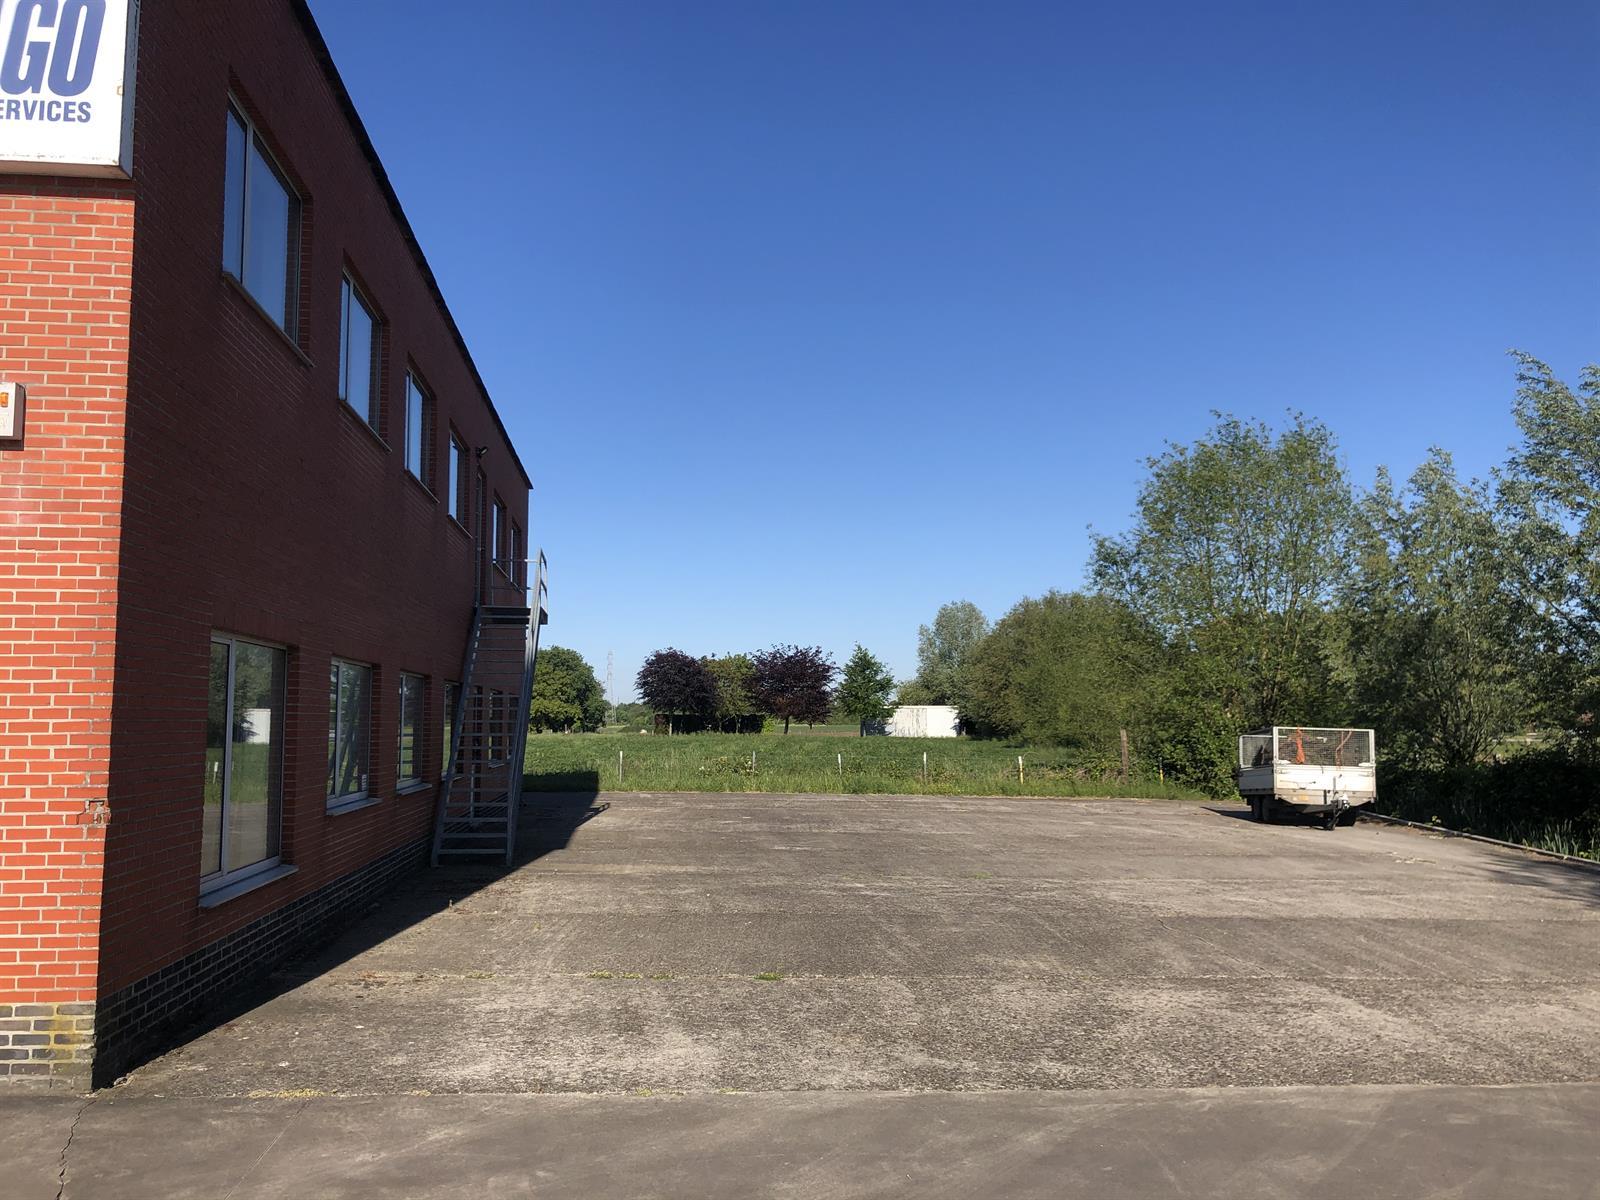 kantoor te huur Kantoor - Rollebeekstraat 16, 2160 Wommelgem, België 4